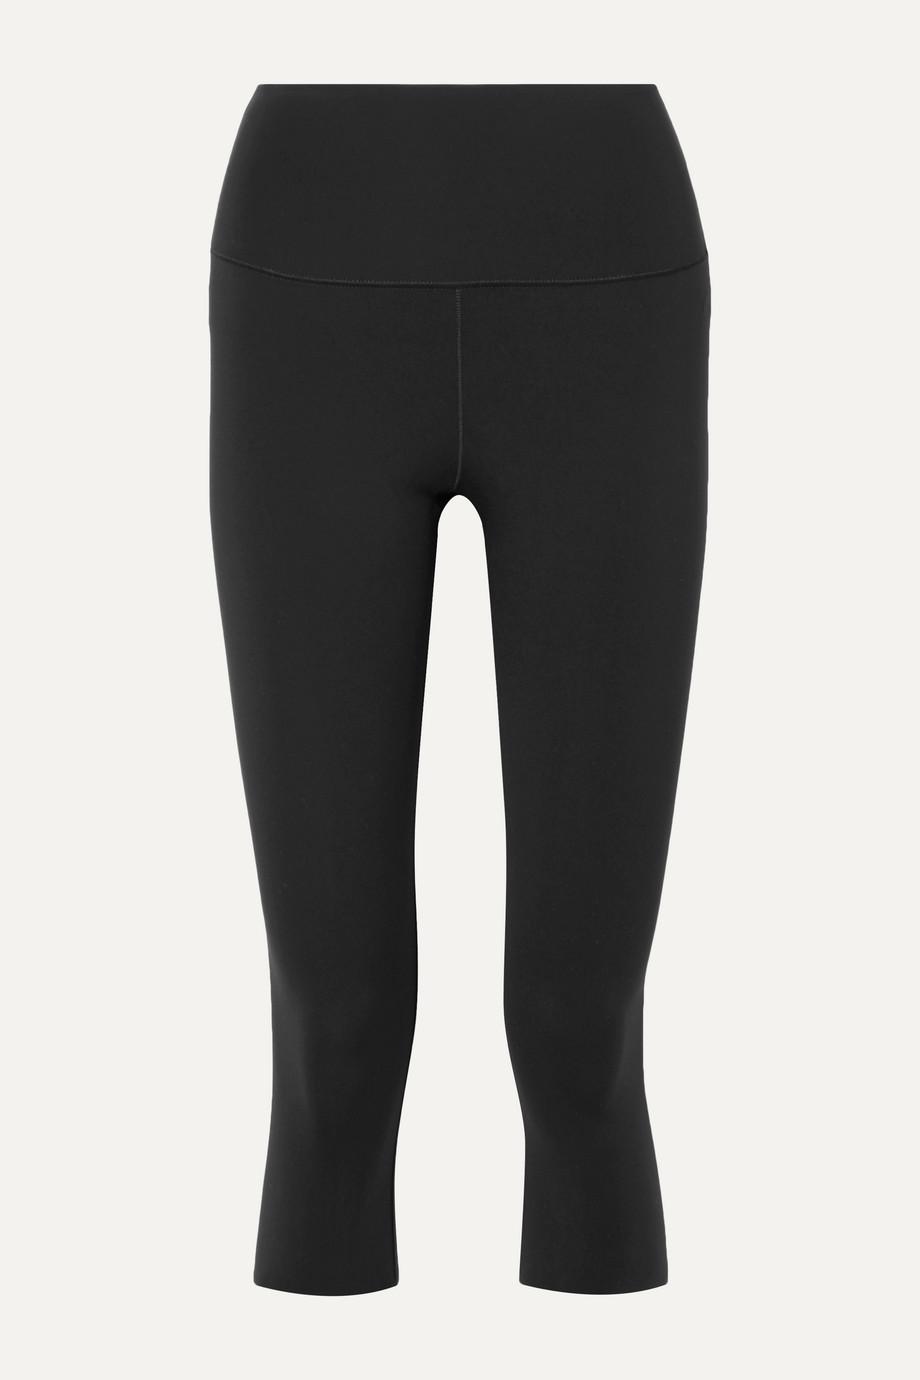 WONE Cropped stretch leggings